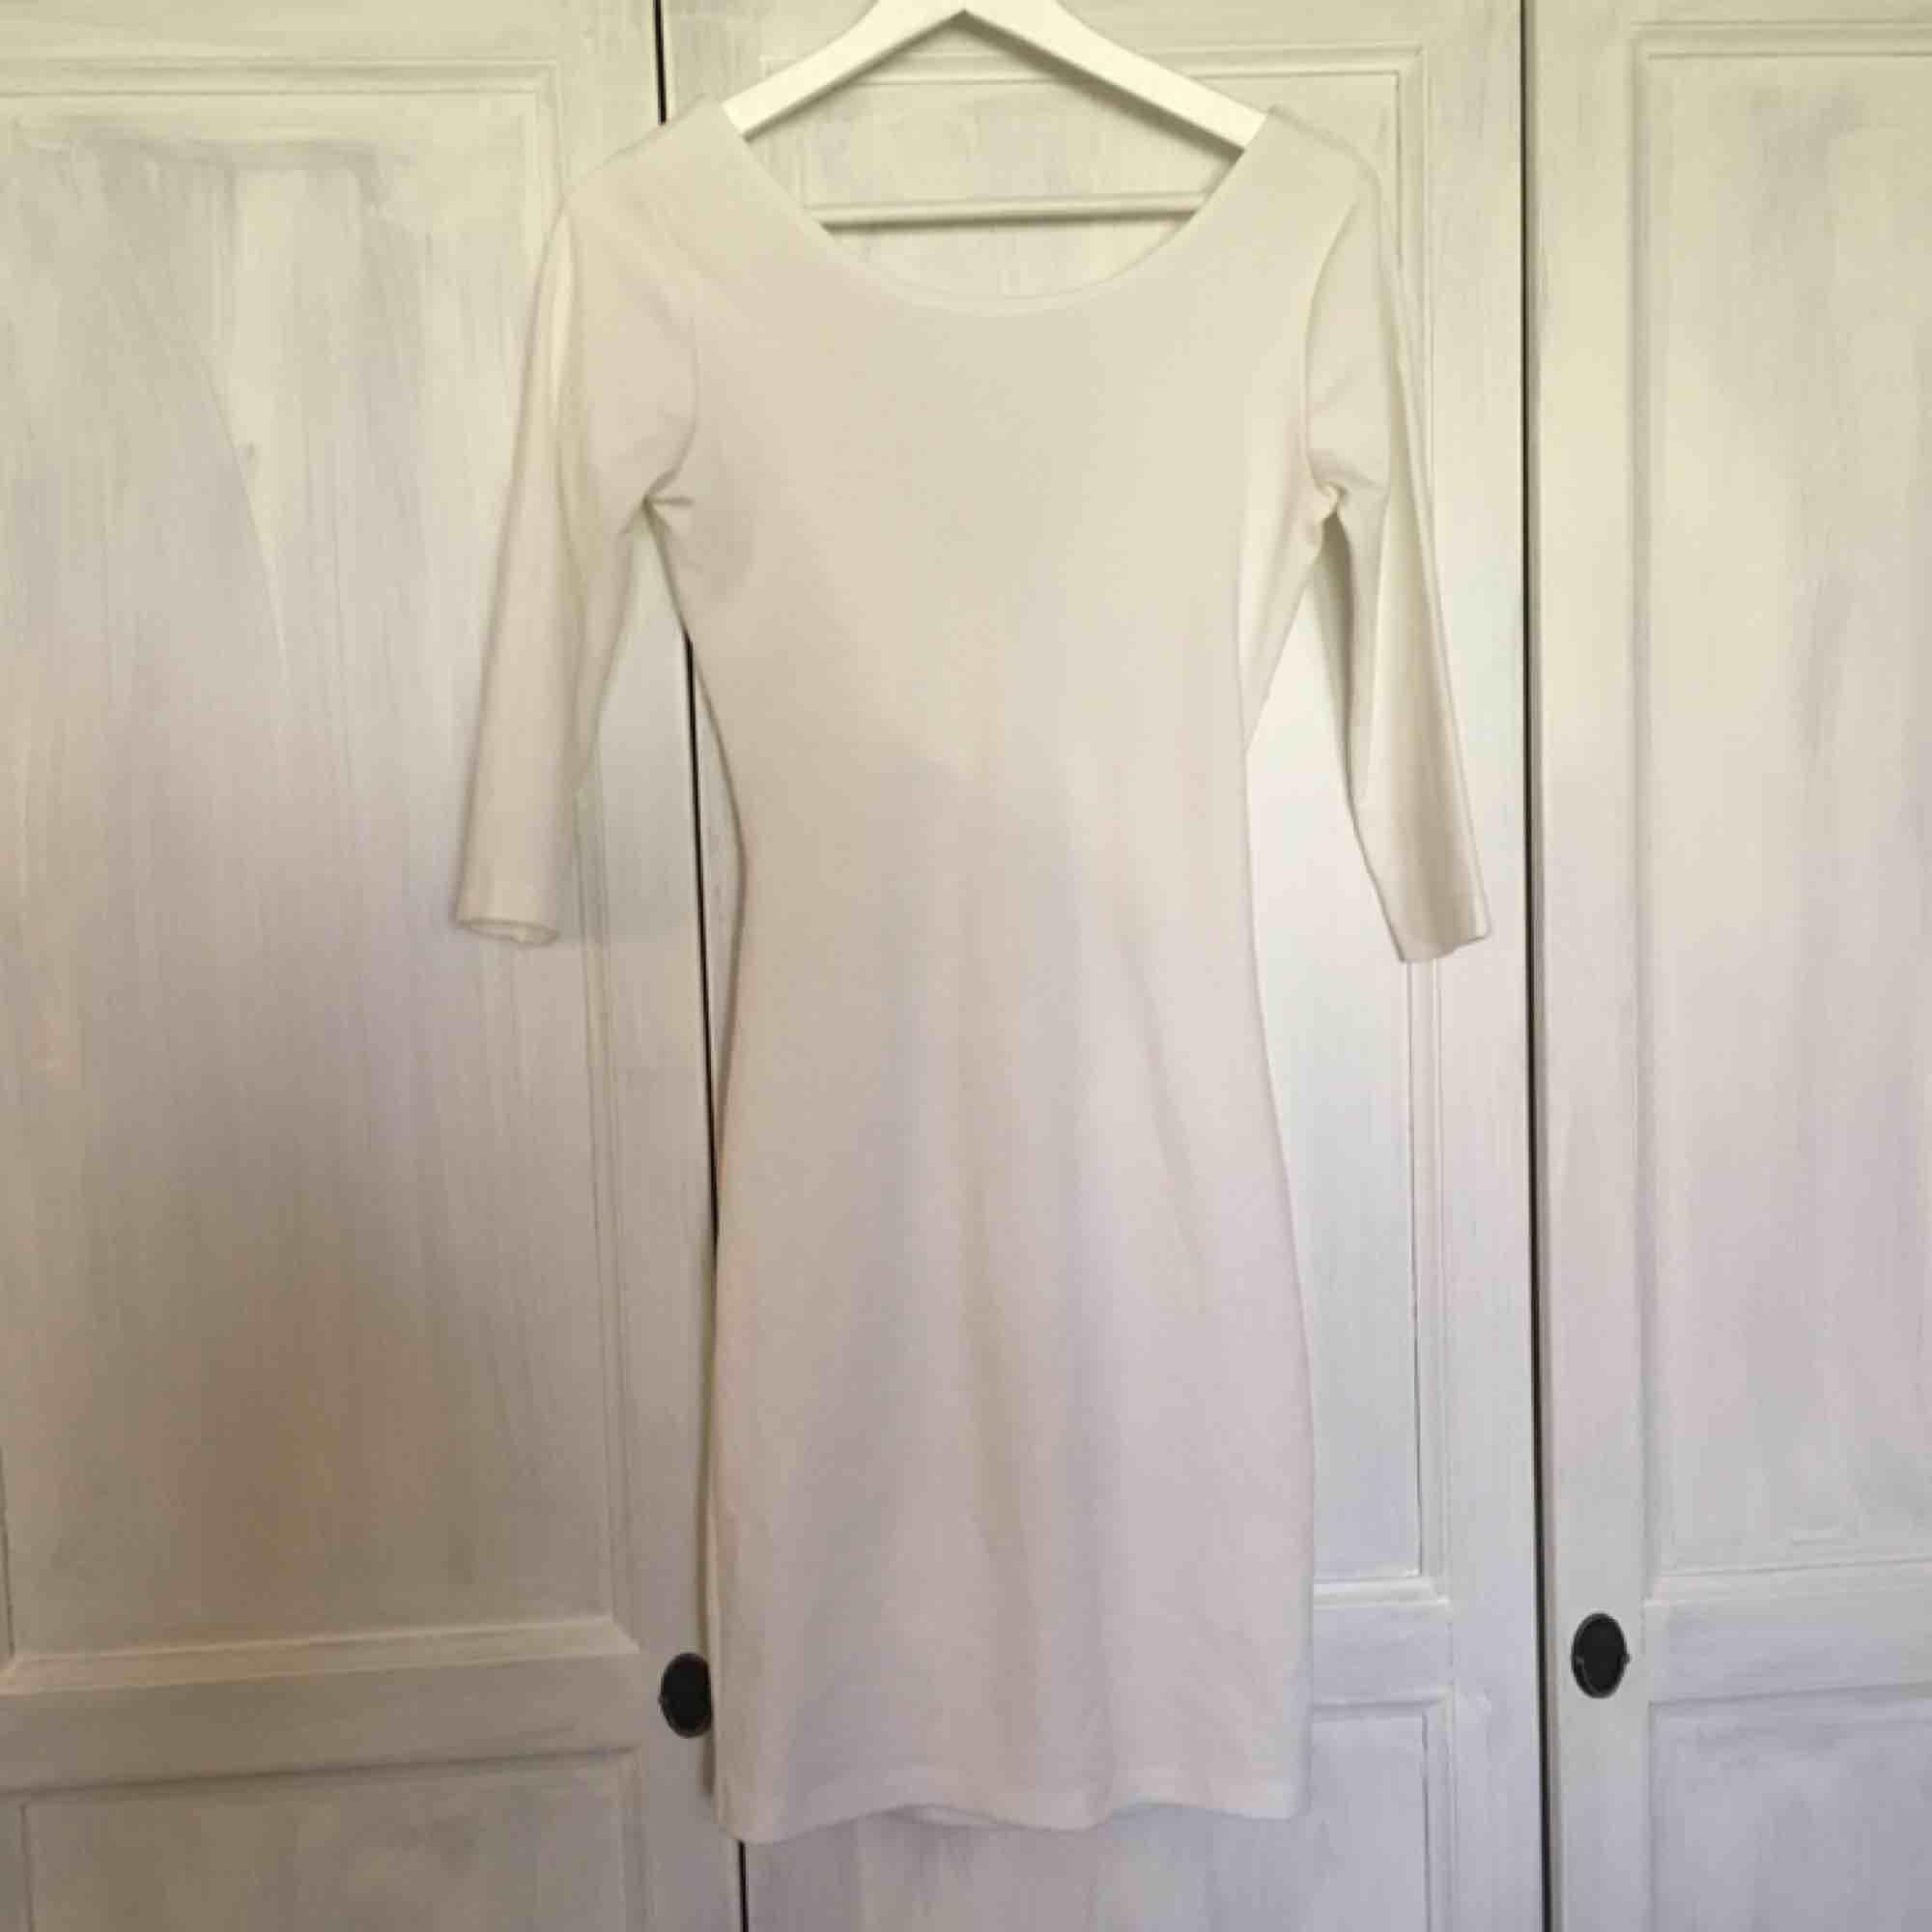 Jättefin figurnära klänning som passar perfekt till student/konfirmation!  Använd 1 gång Frakt  40kr. Klänningar.